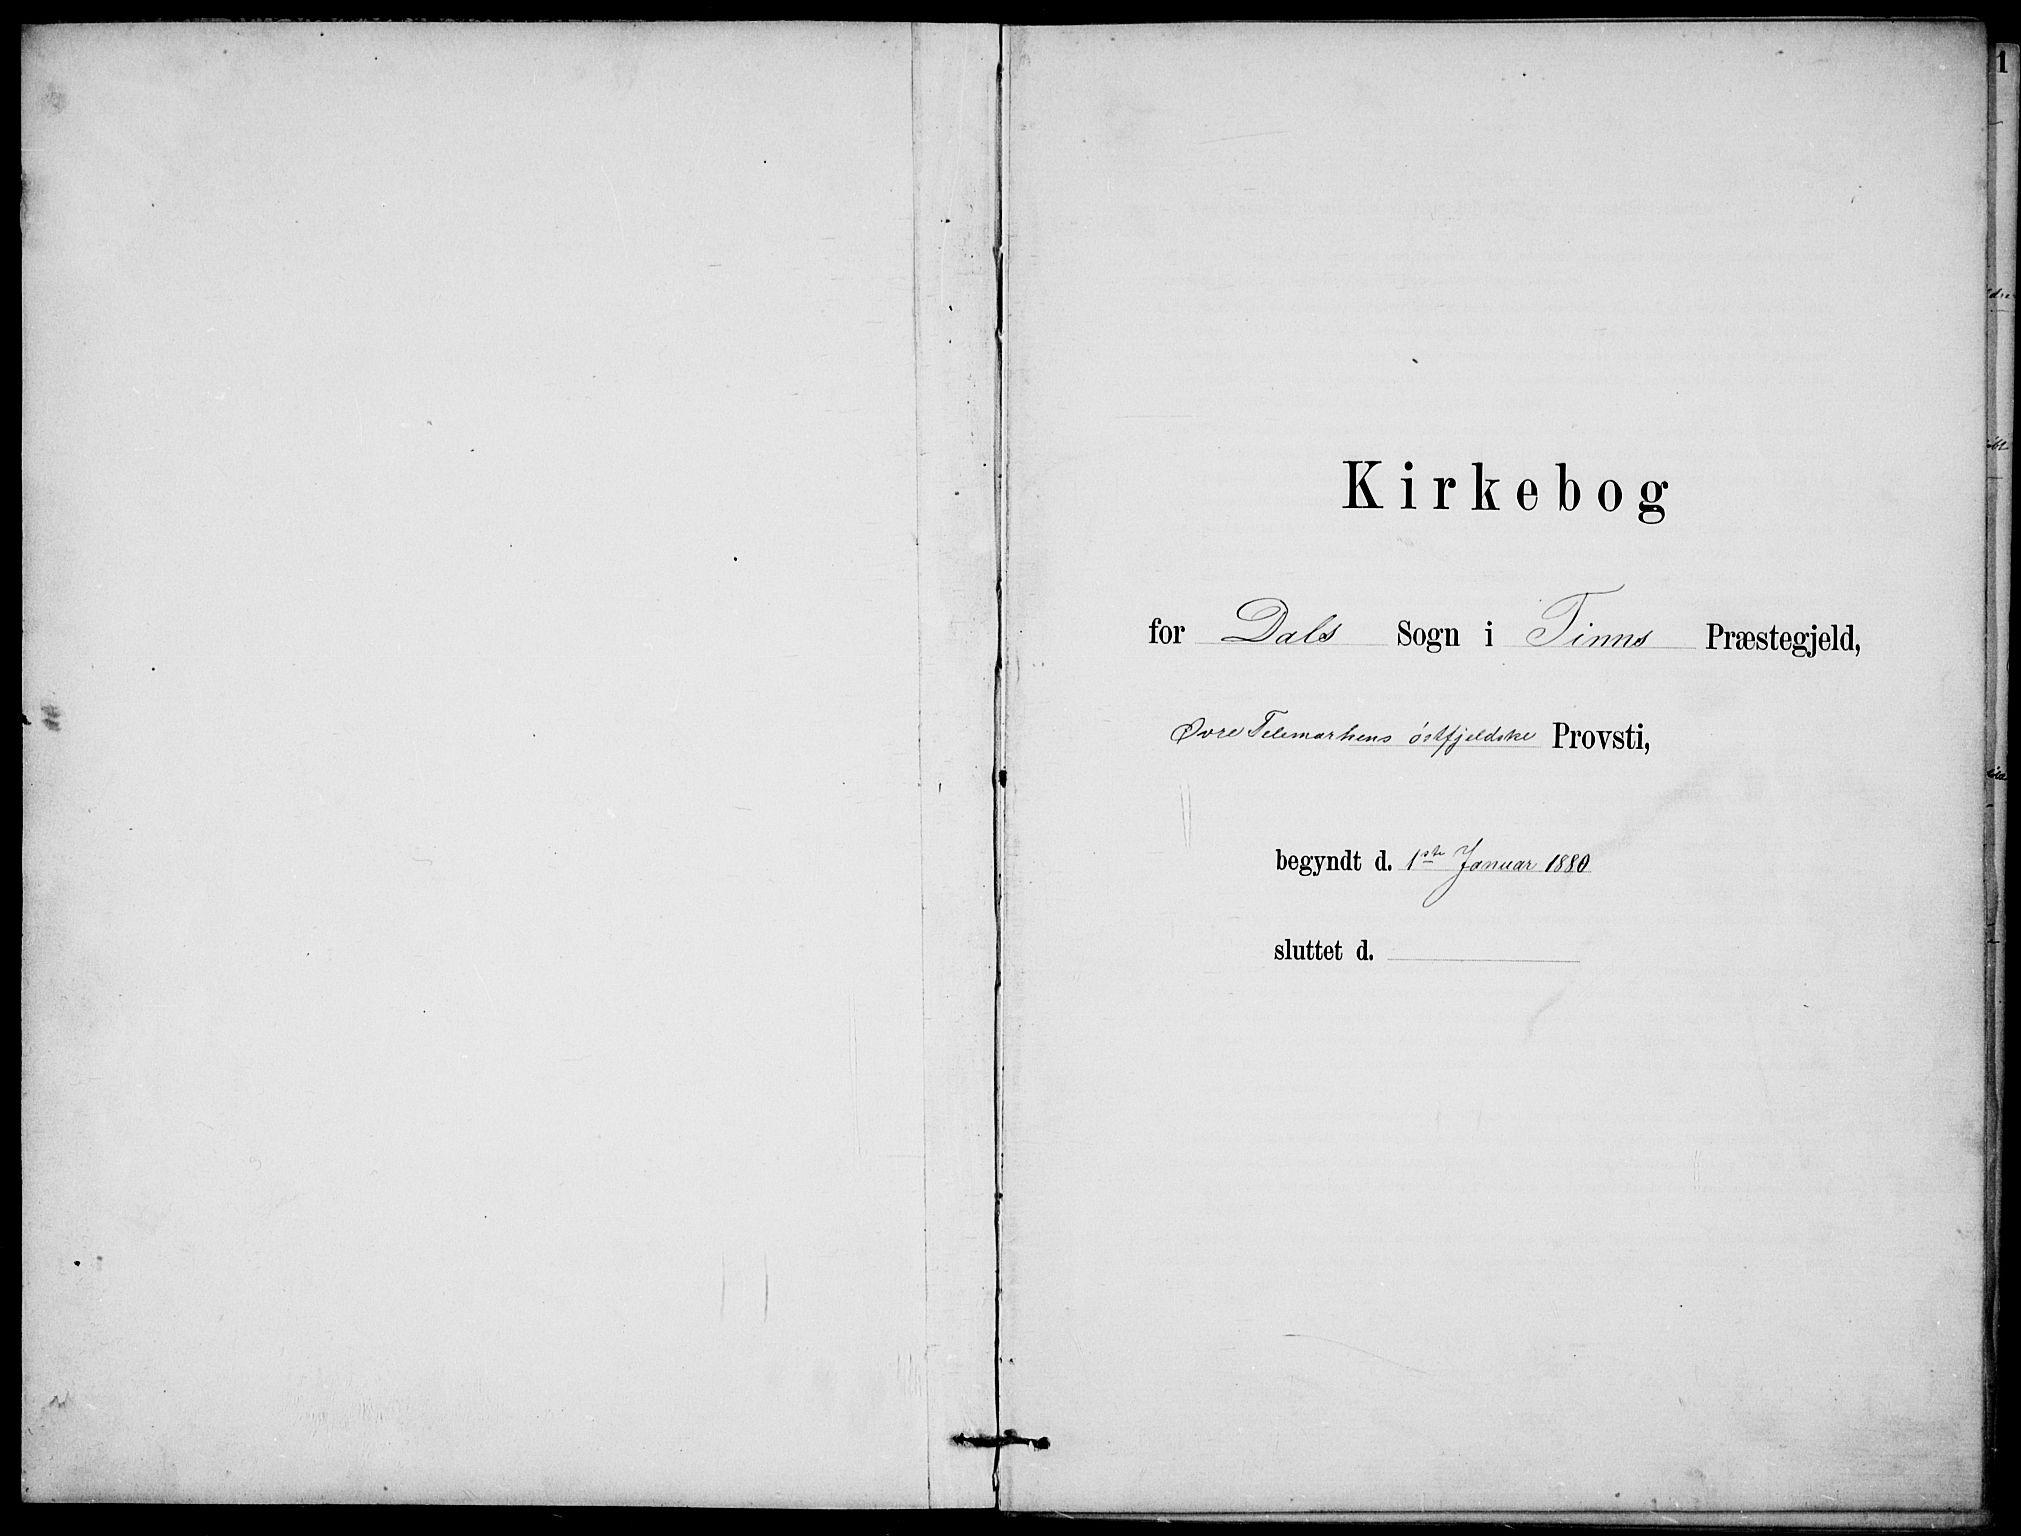 SAKO, Rjukan kirkebøker, G/Ga/L0001: Klokkerbok nr. 1, 1880-1914